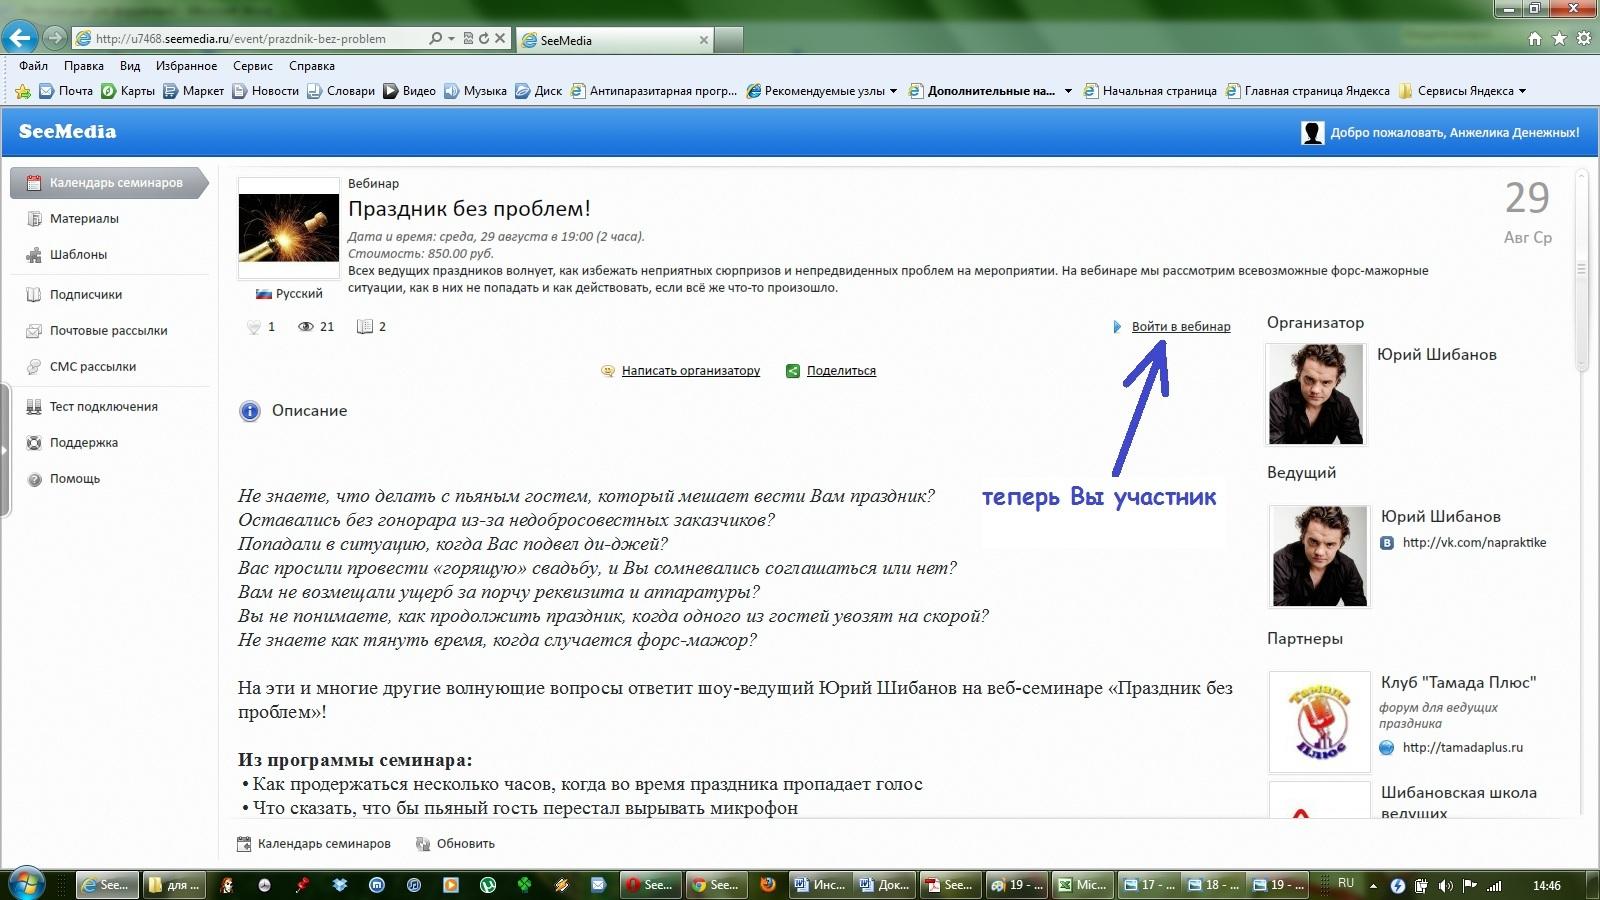 Сайт тамада плюс 1 фотография